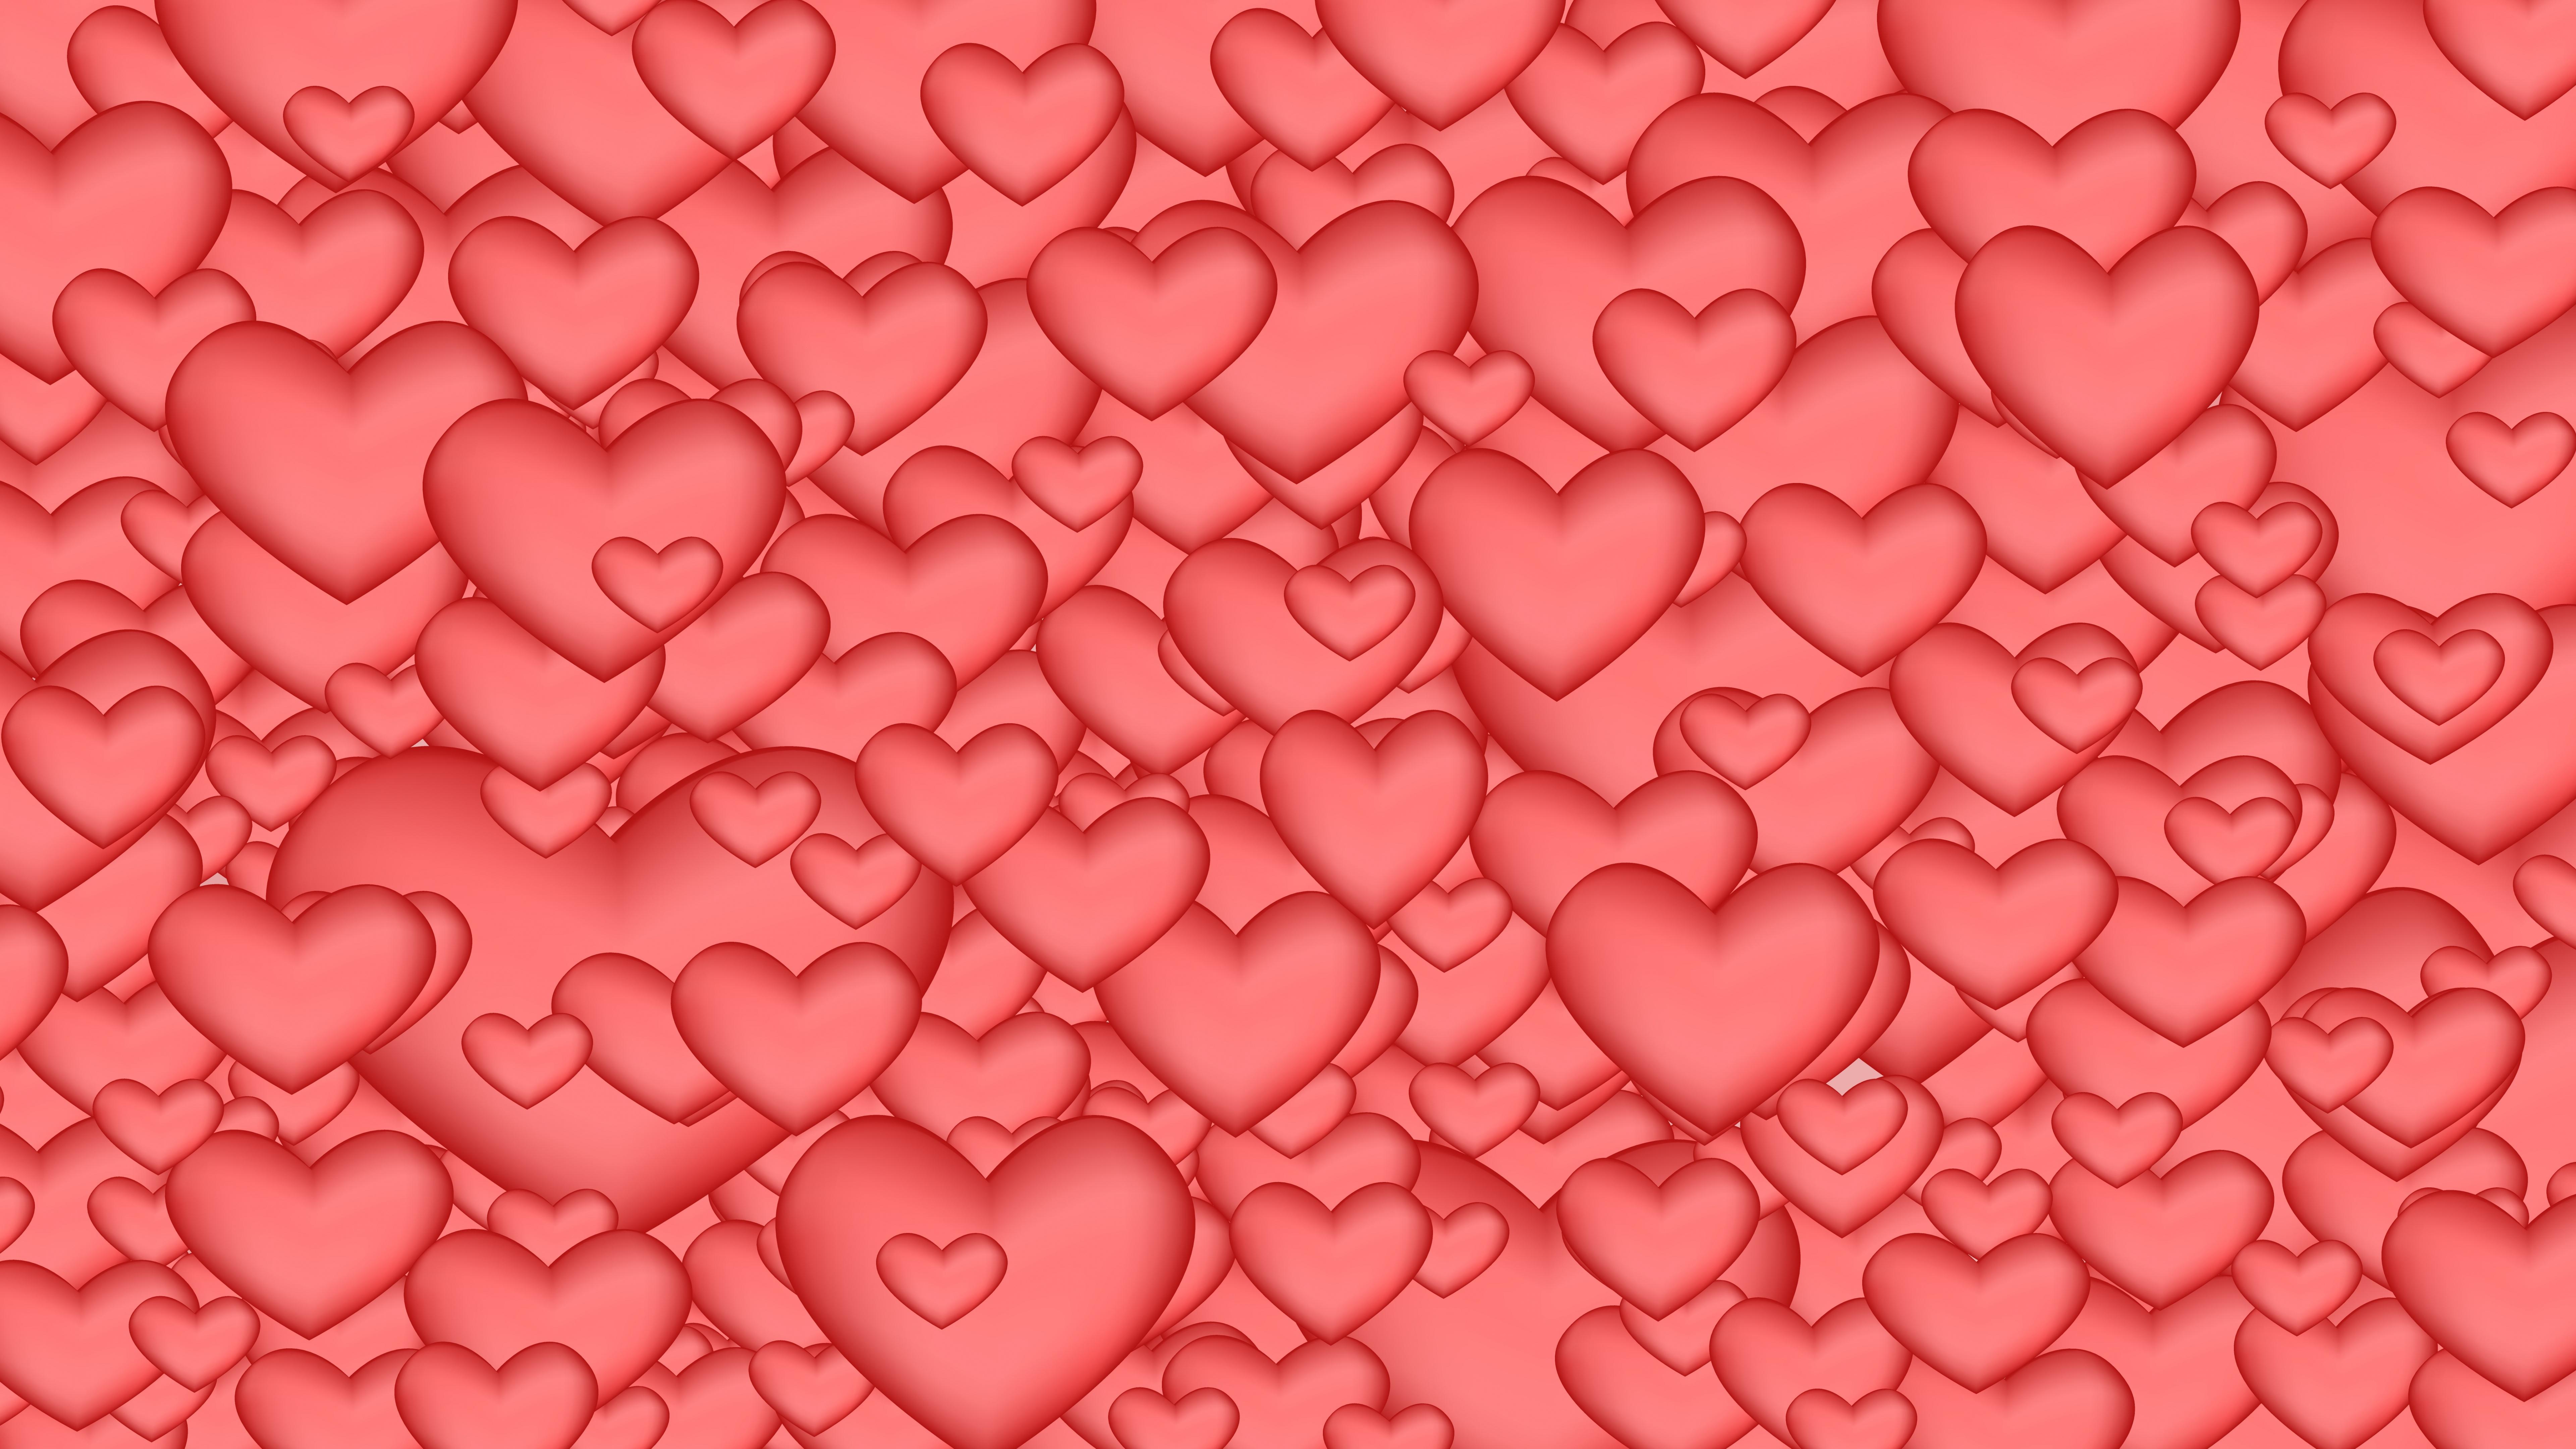 симптом картинки где много сердечек другой стороны, что